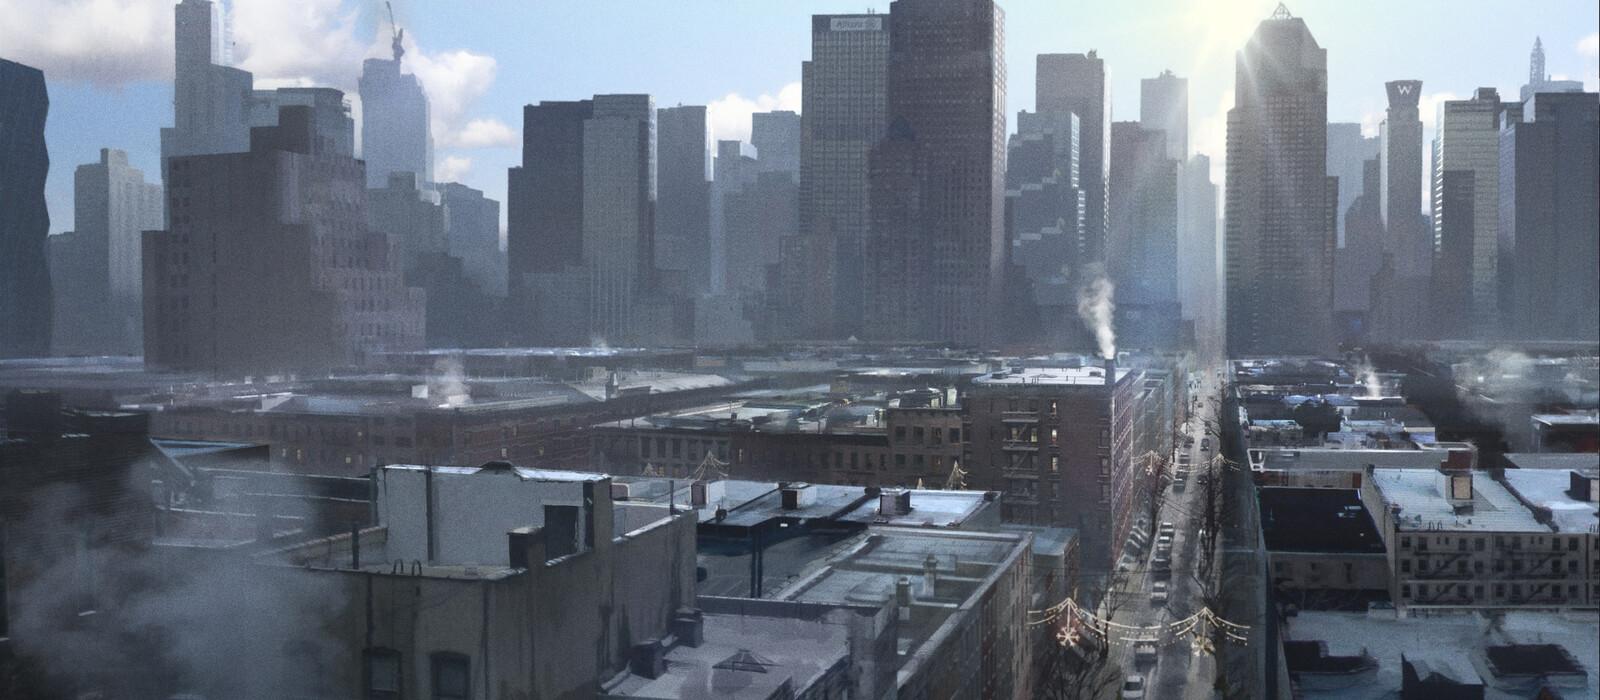 The Division 'Take Back New York' Trailer Key-frames